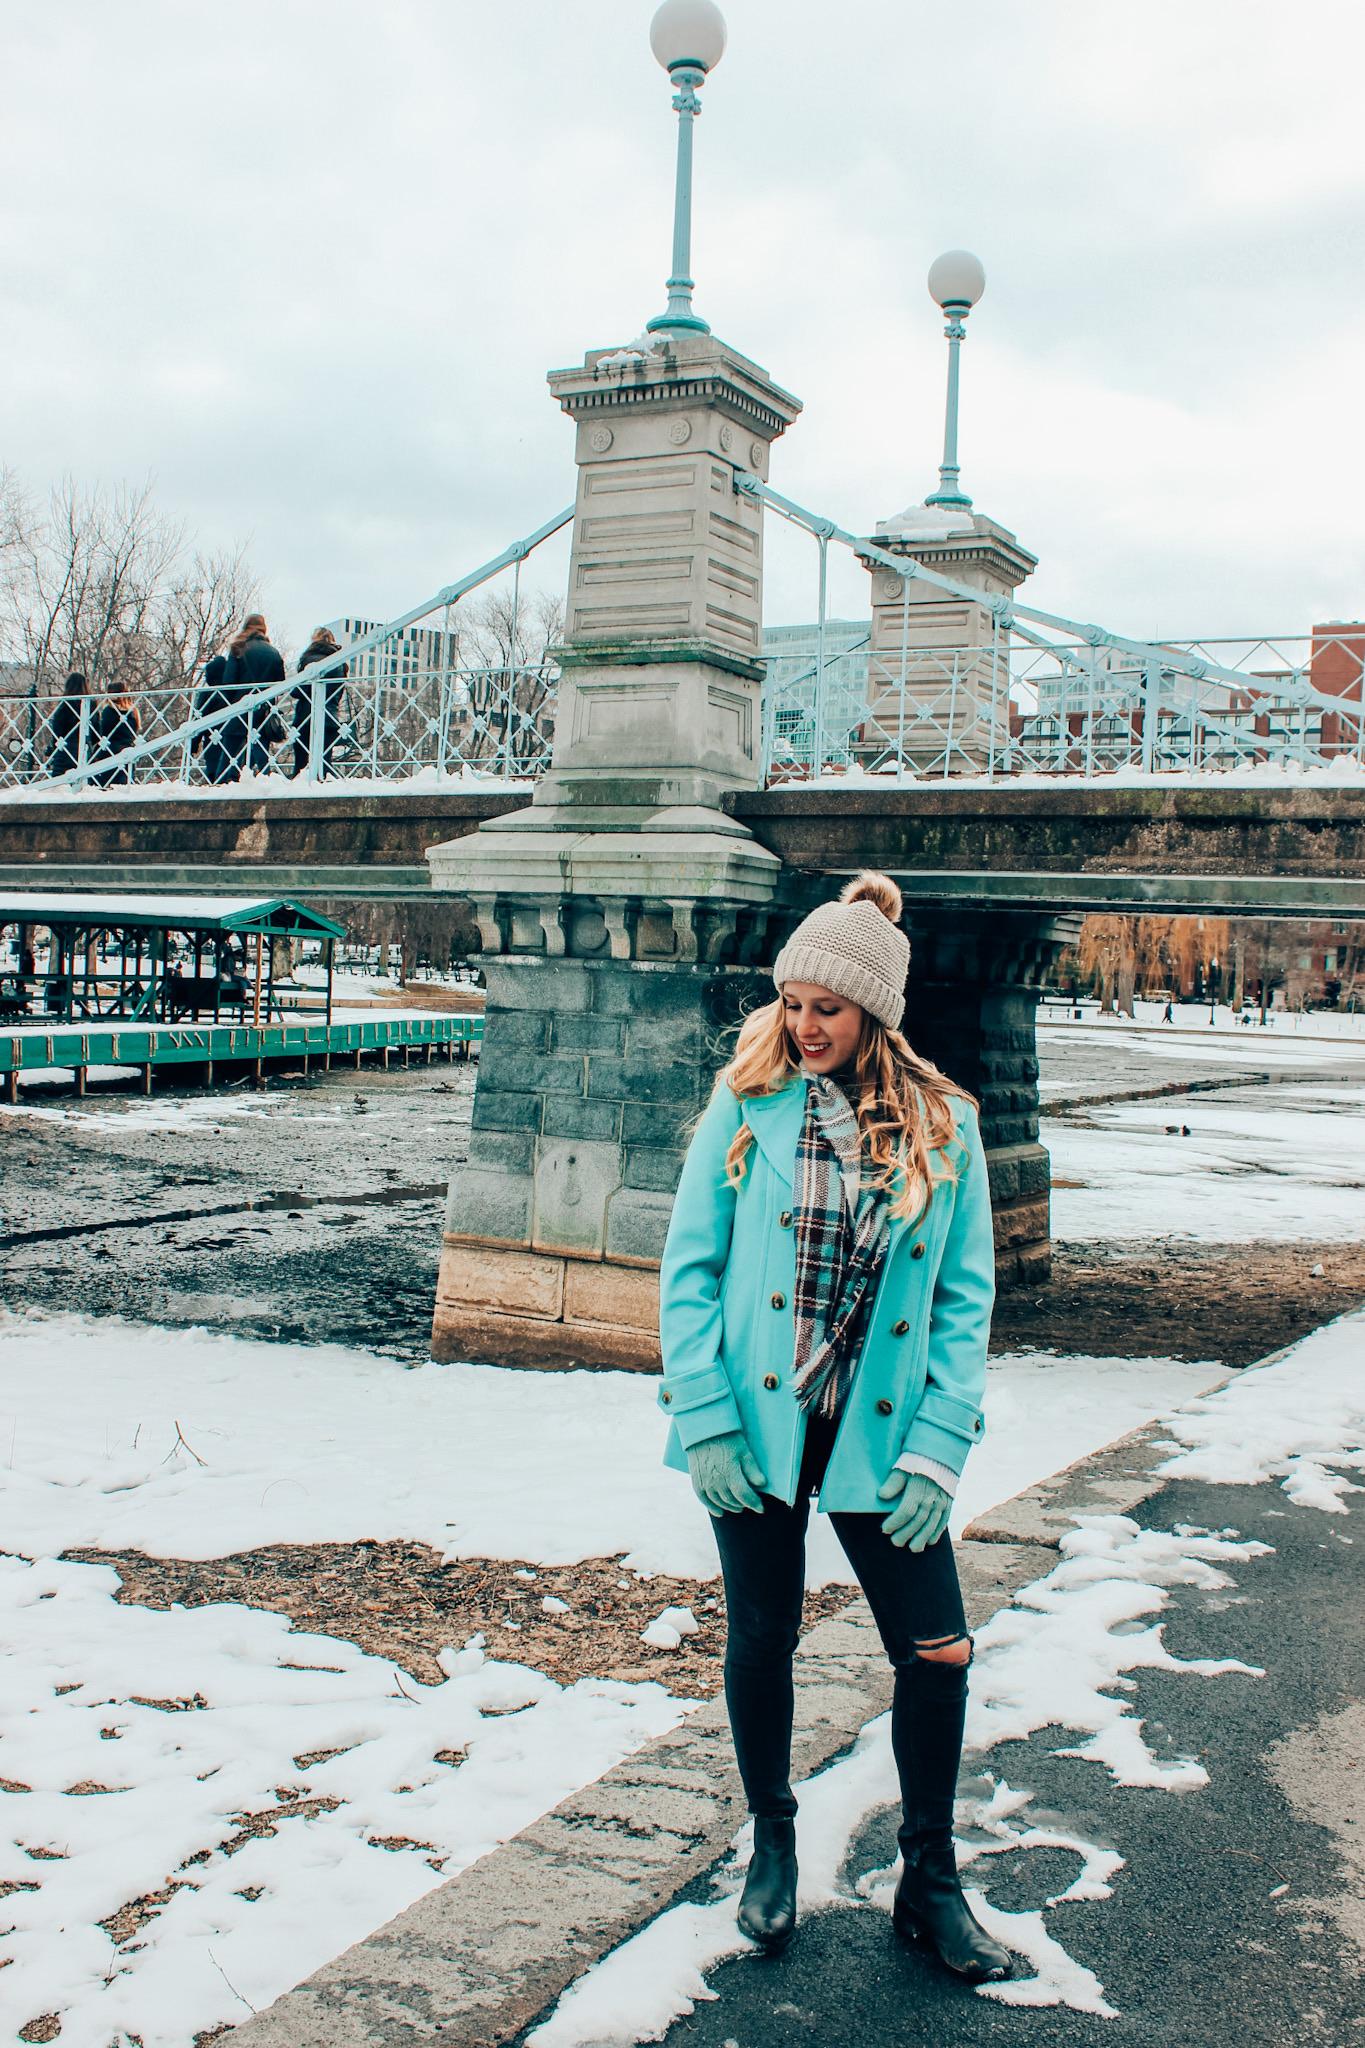 A snowy day in Boston's Public Garden